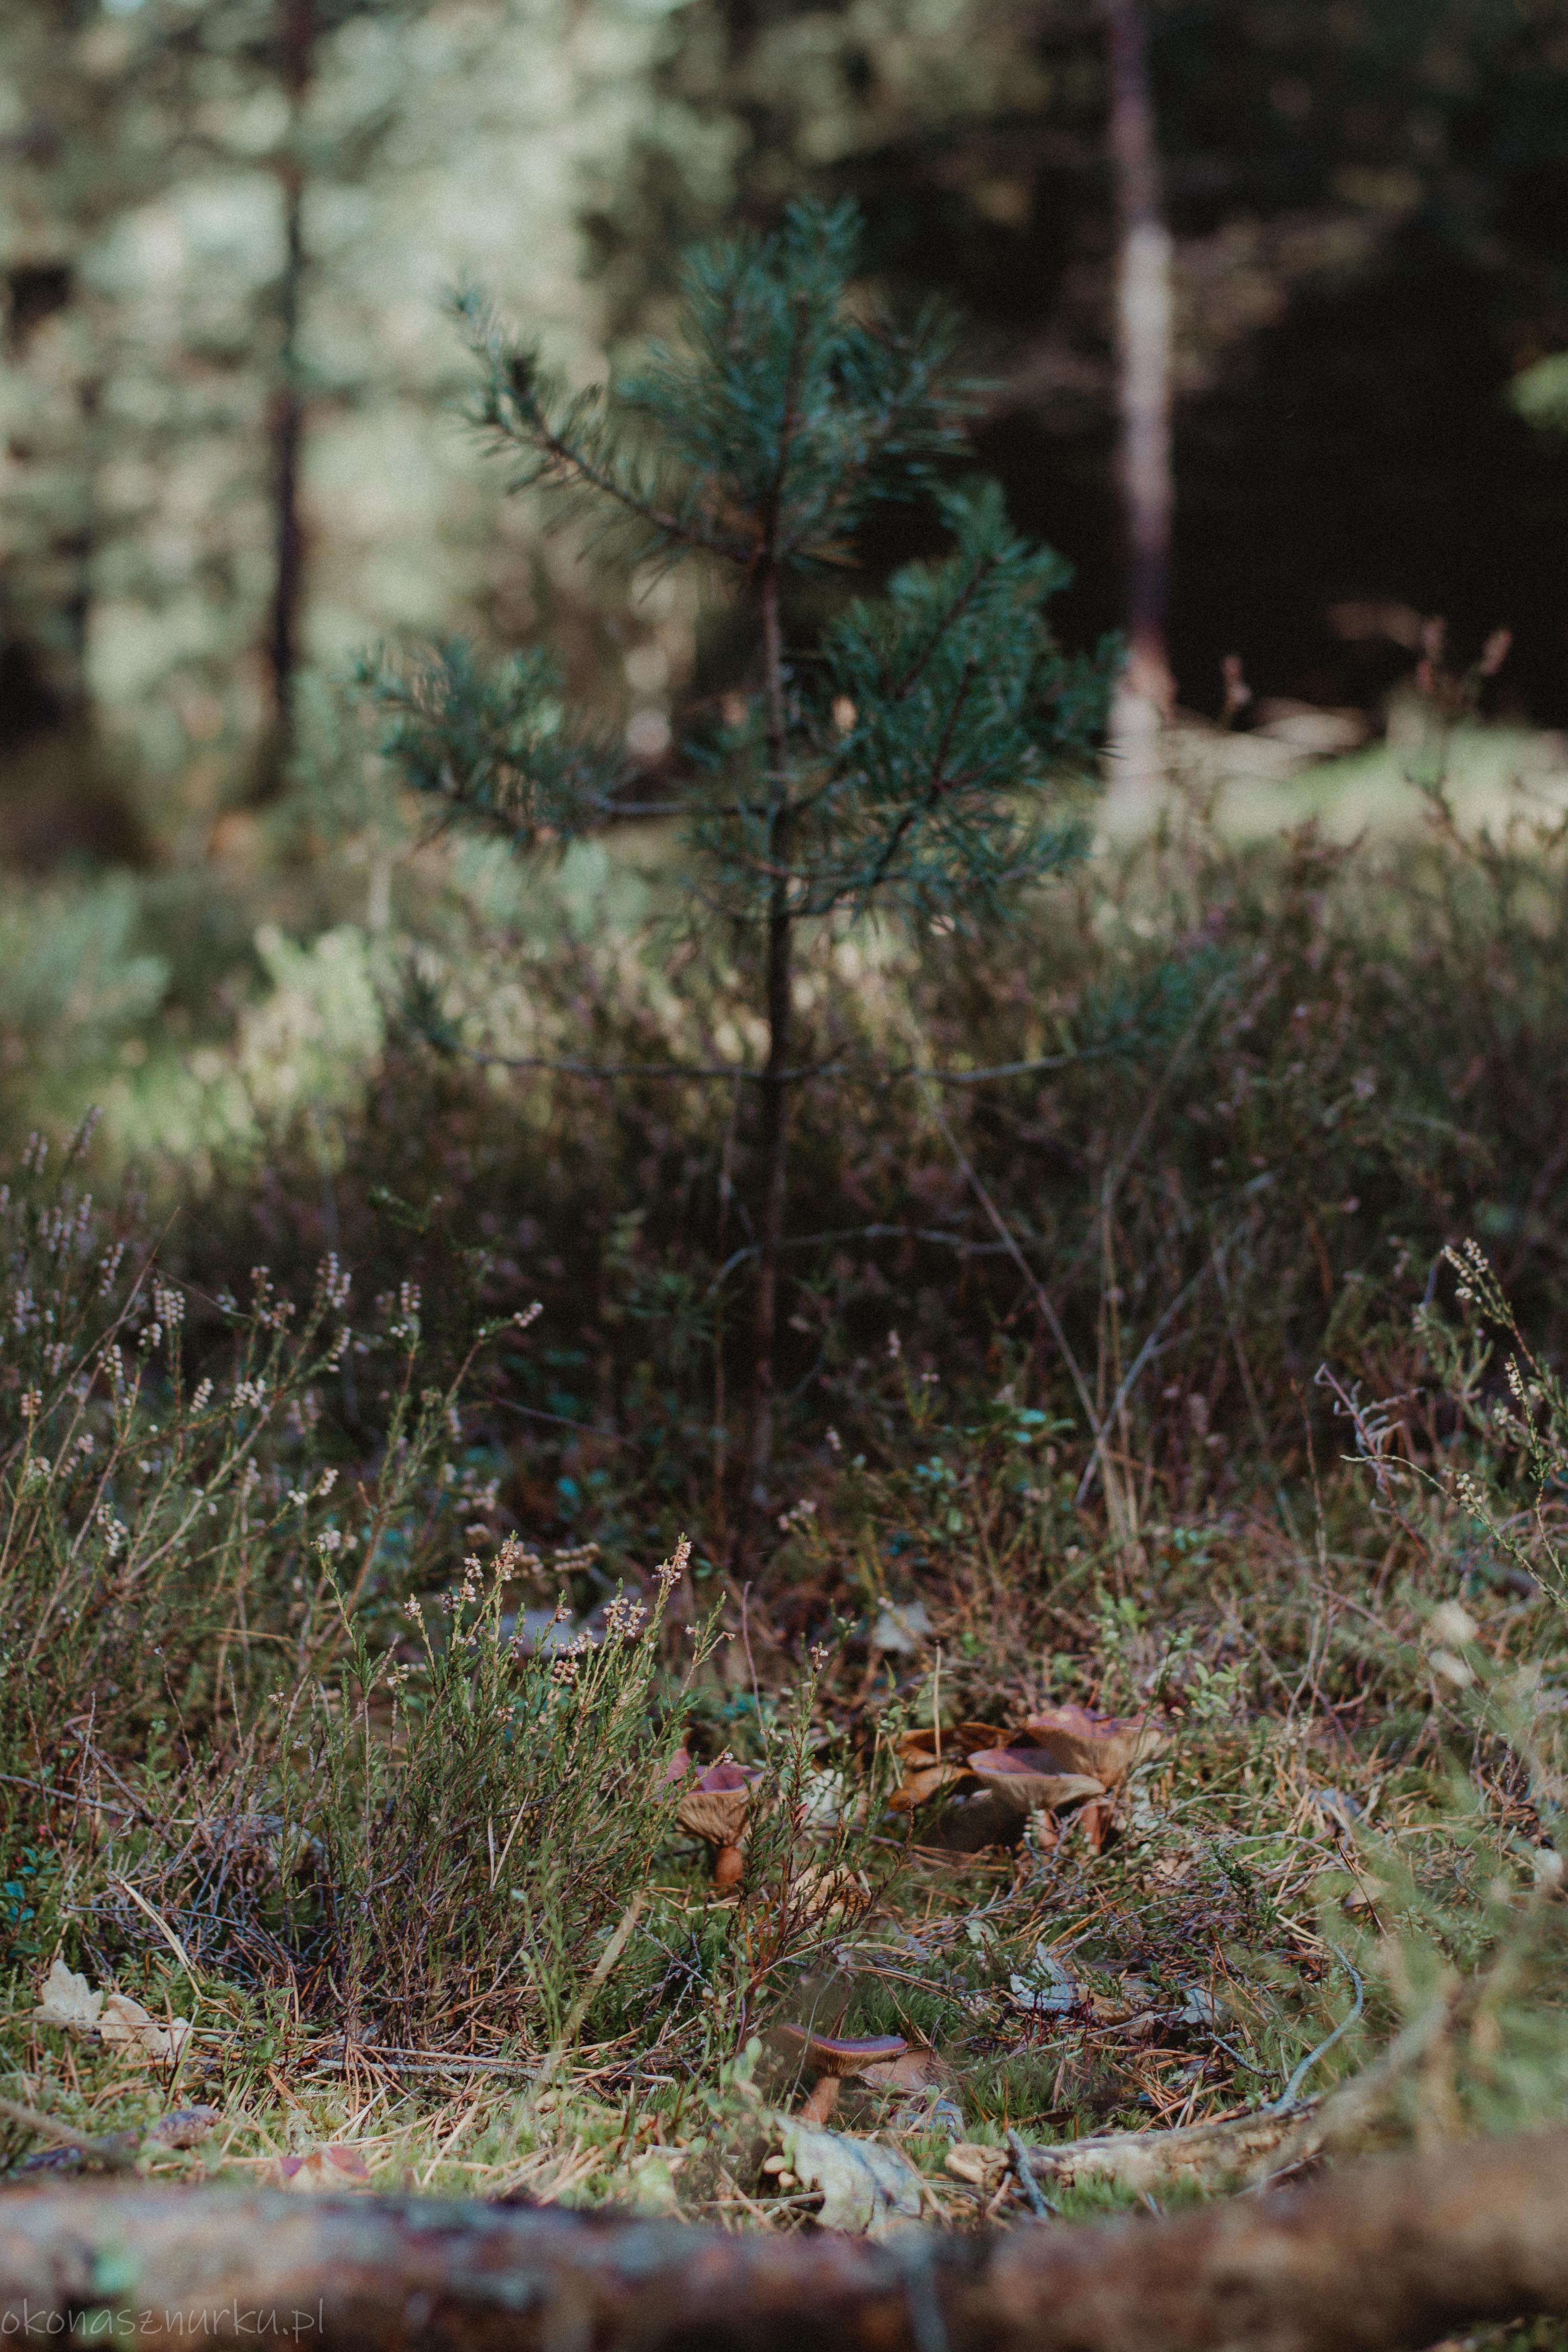 grzybobranie-okonasznurku (35)